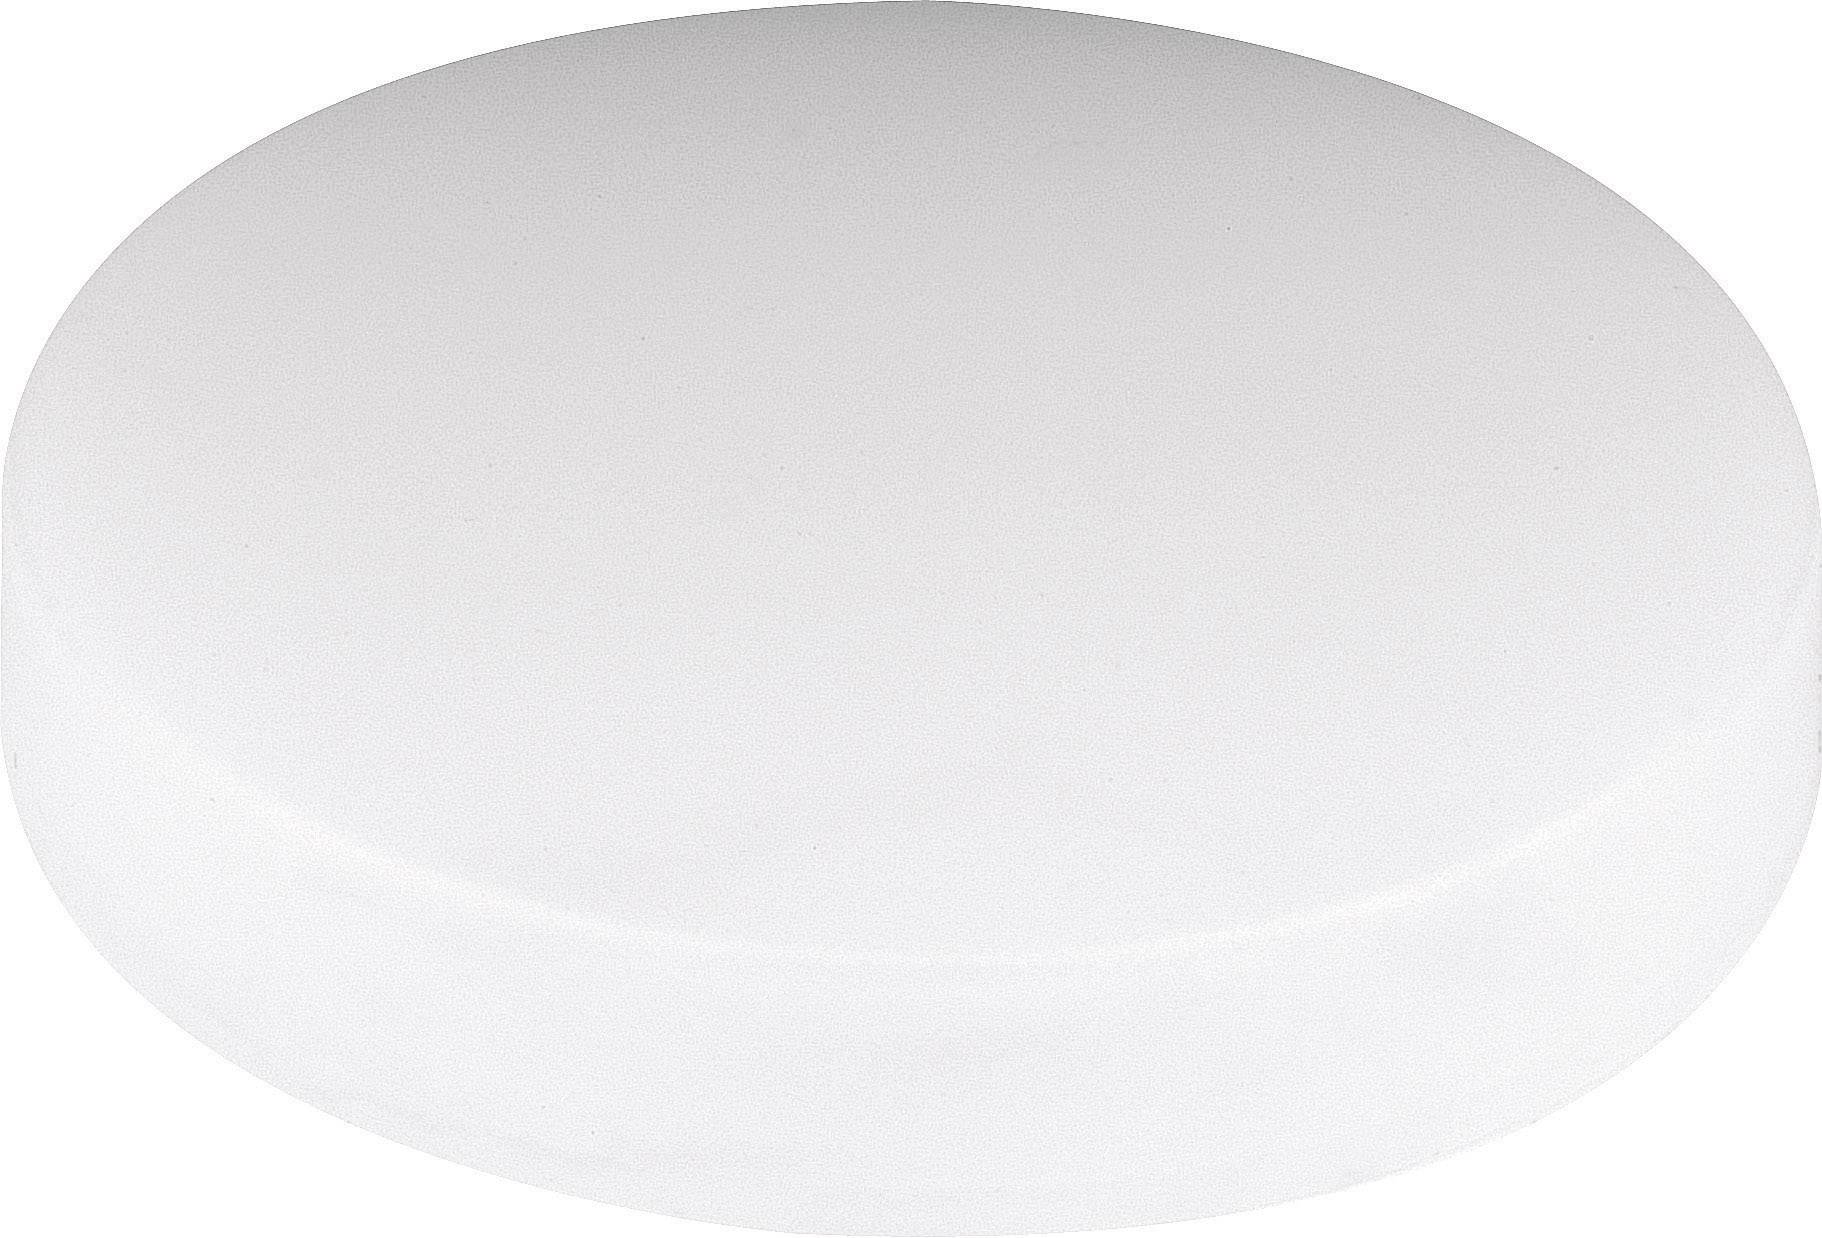 Světelná krytka pro reflektor Mentor, 2451.0700, 18 mm, (Ø x v) 19.1 mm x 3 mm, žlutá